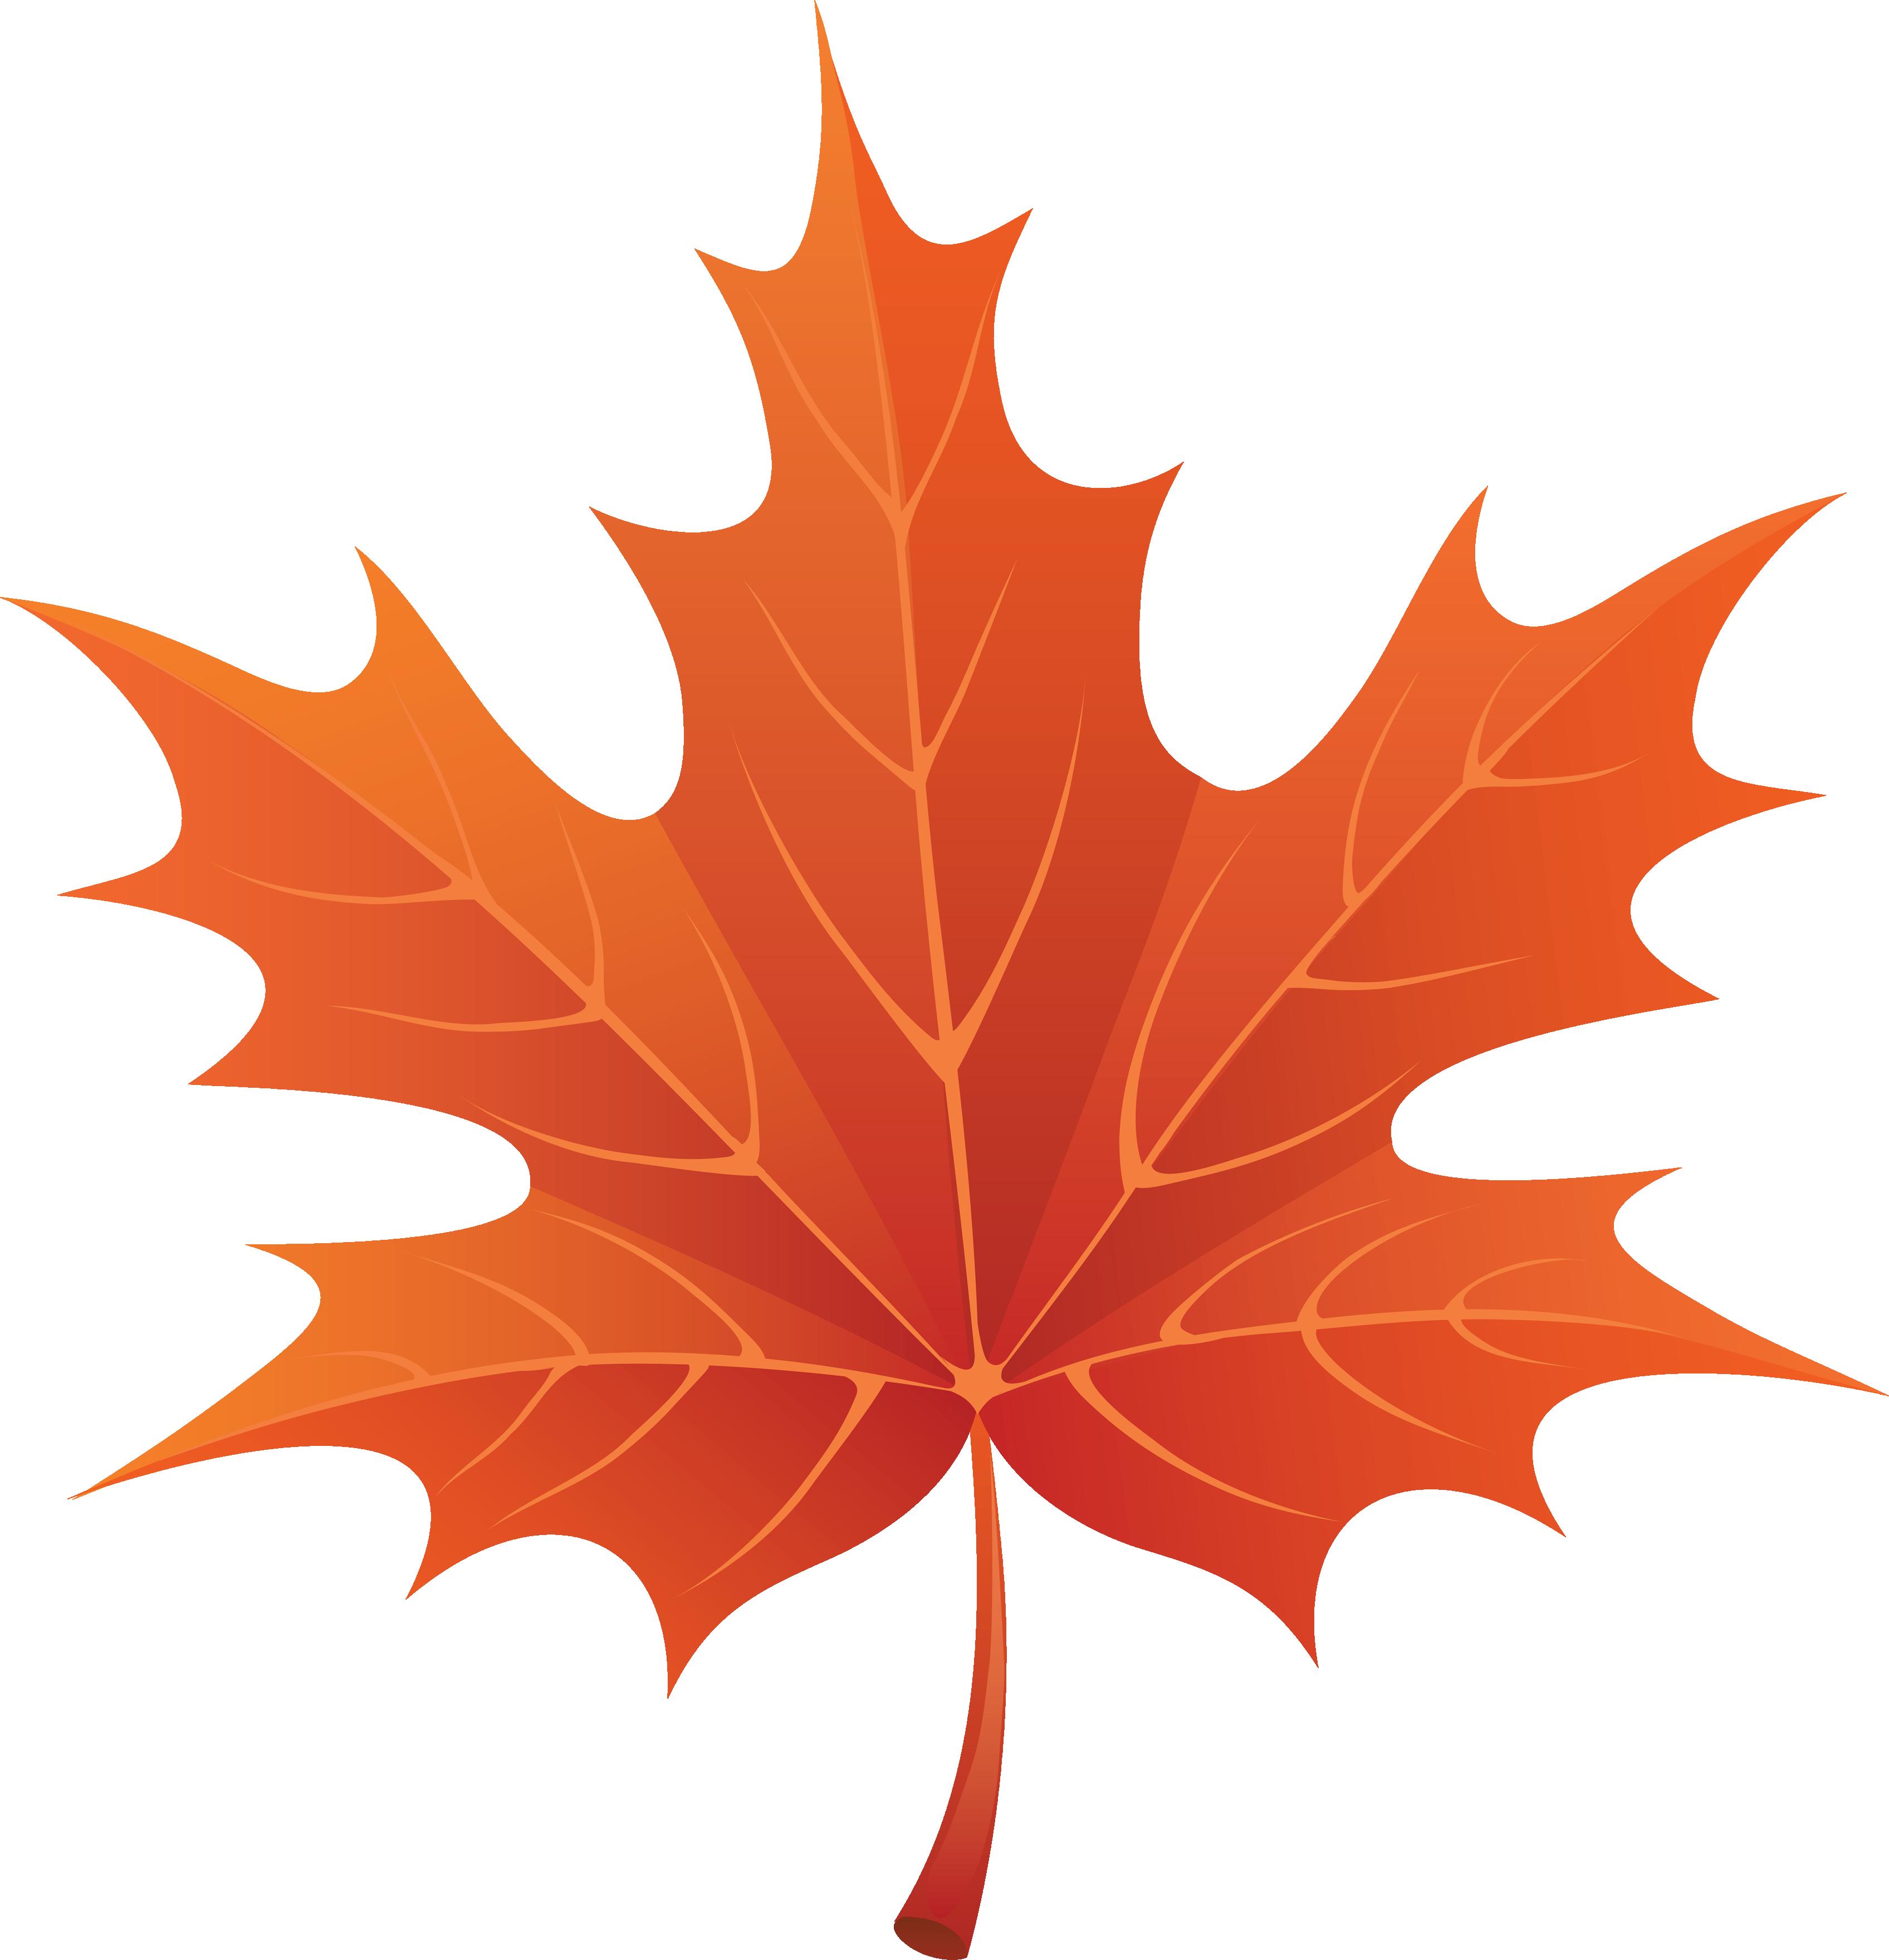 Fall leaves autumn.